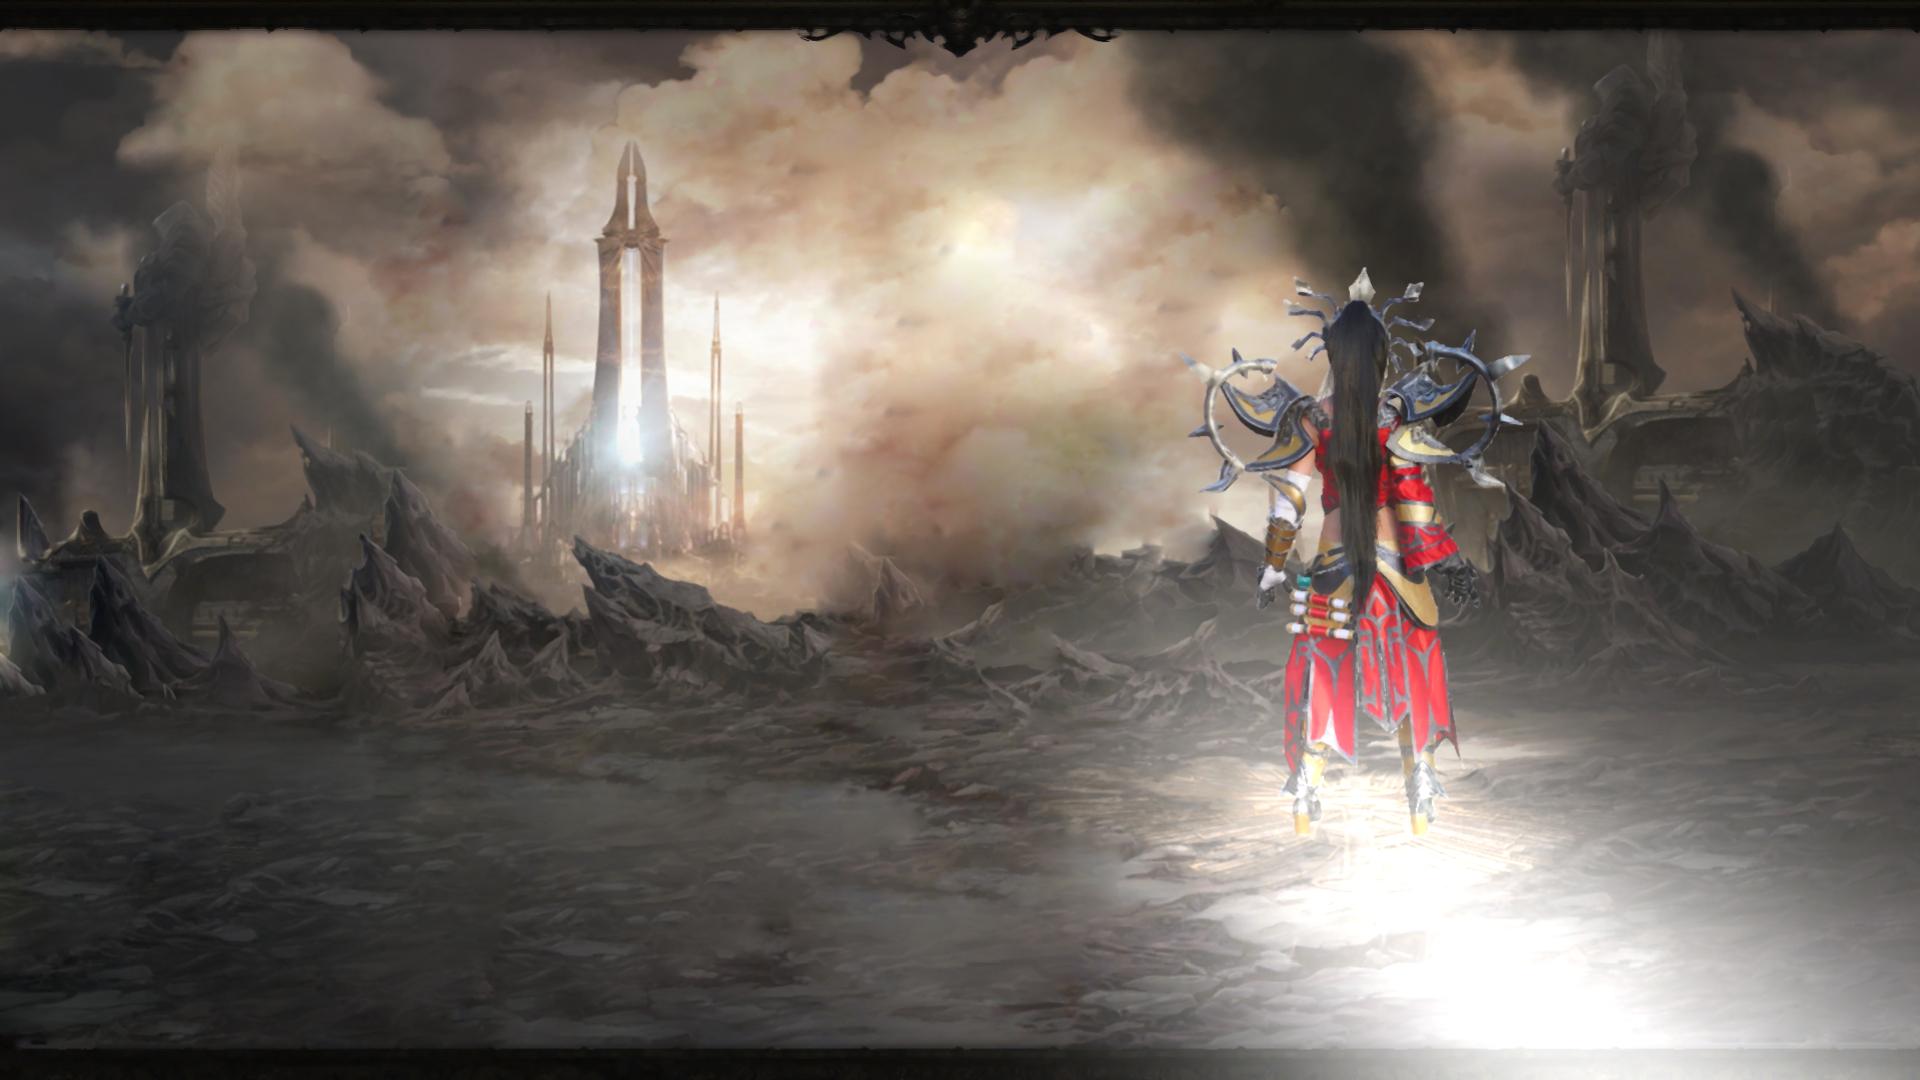 diablo_3_wizard_cosplay_by_sakuraflamme-d5x9tm4.jpg